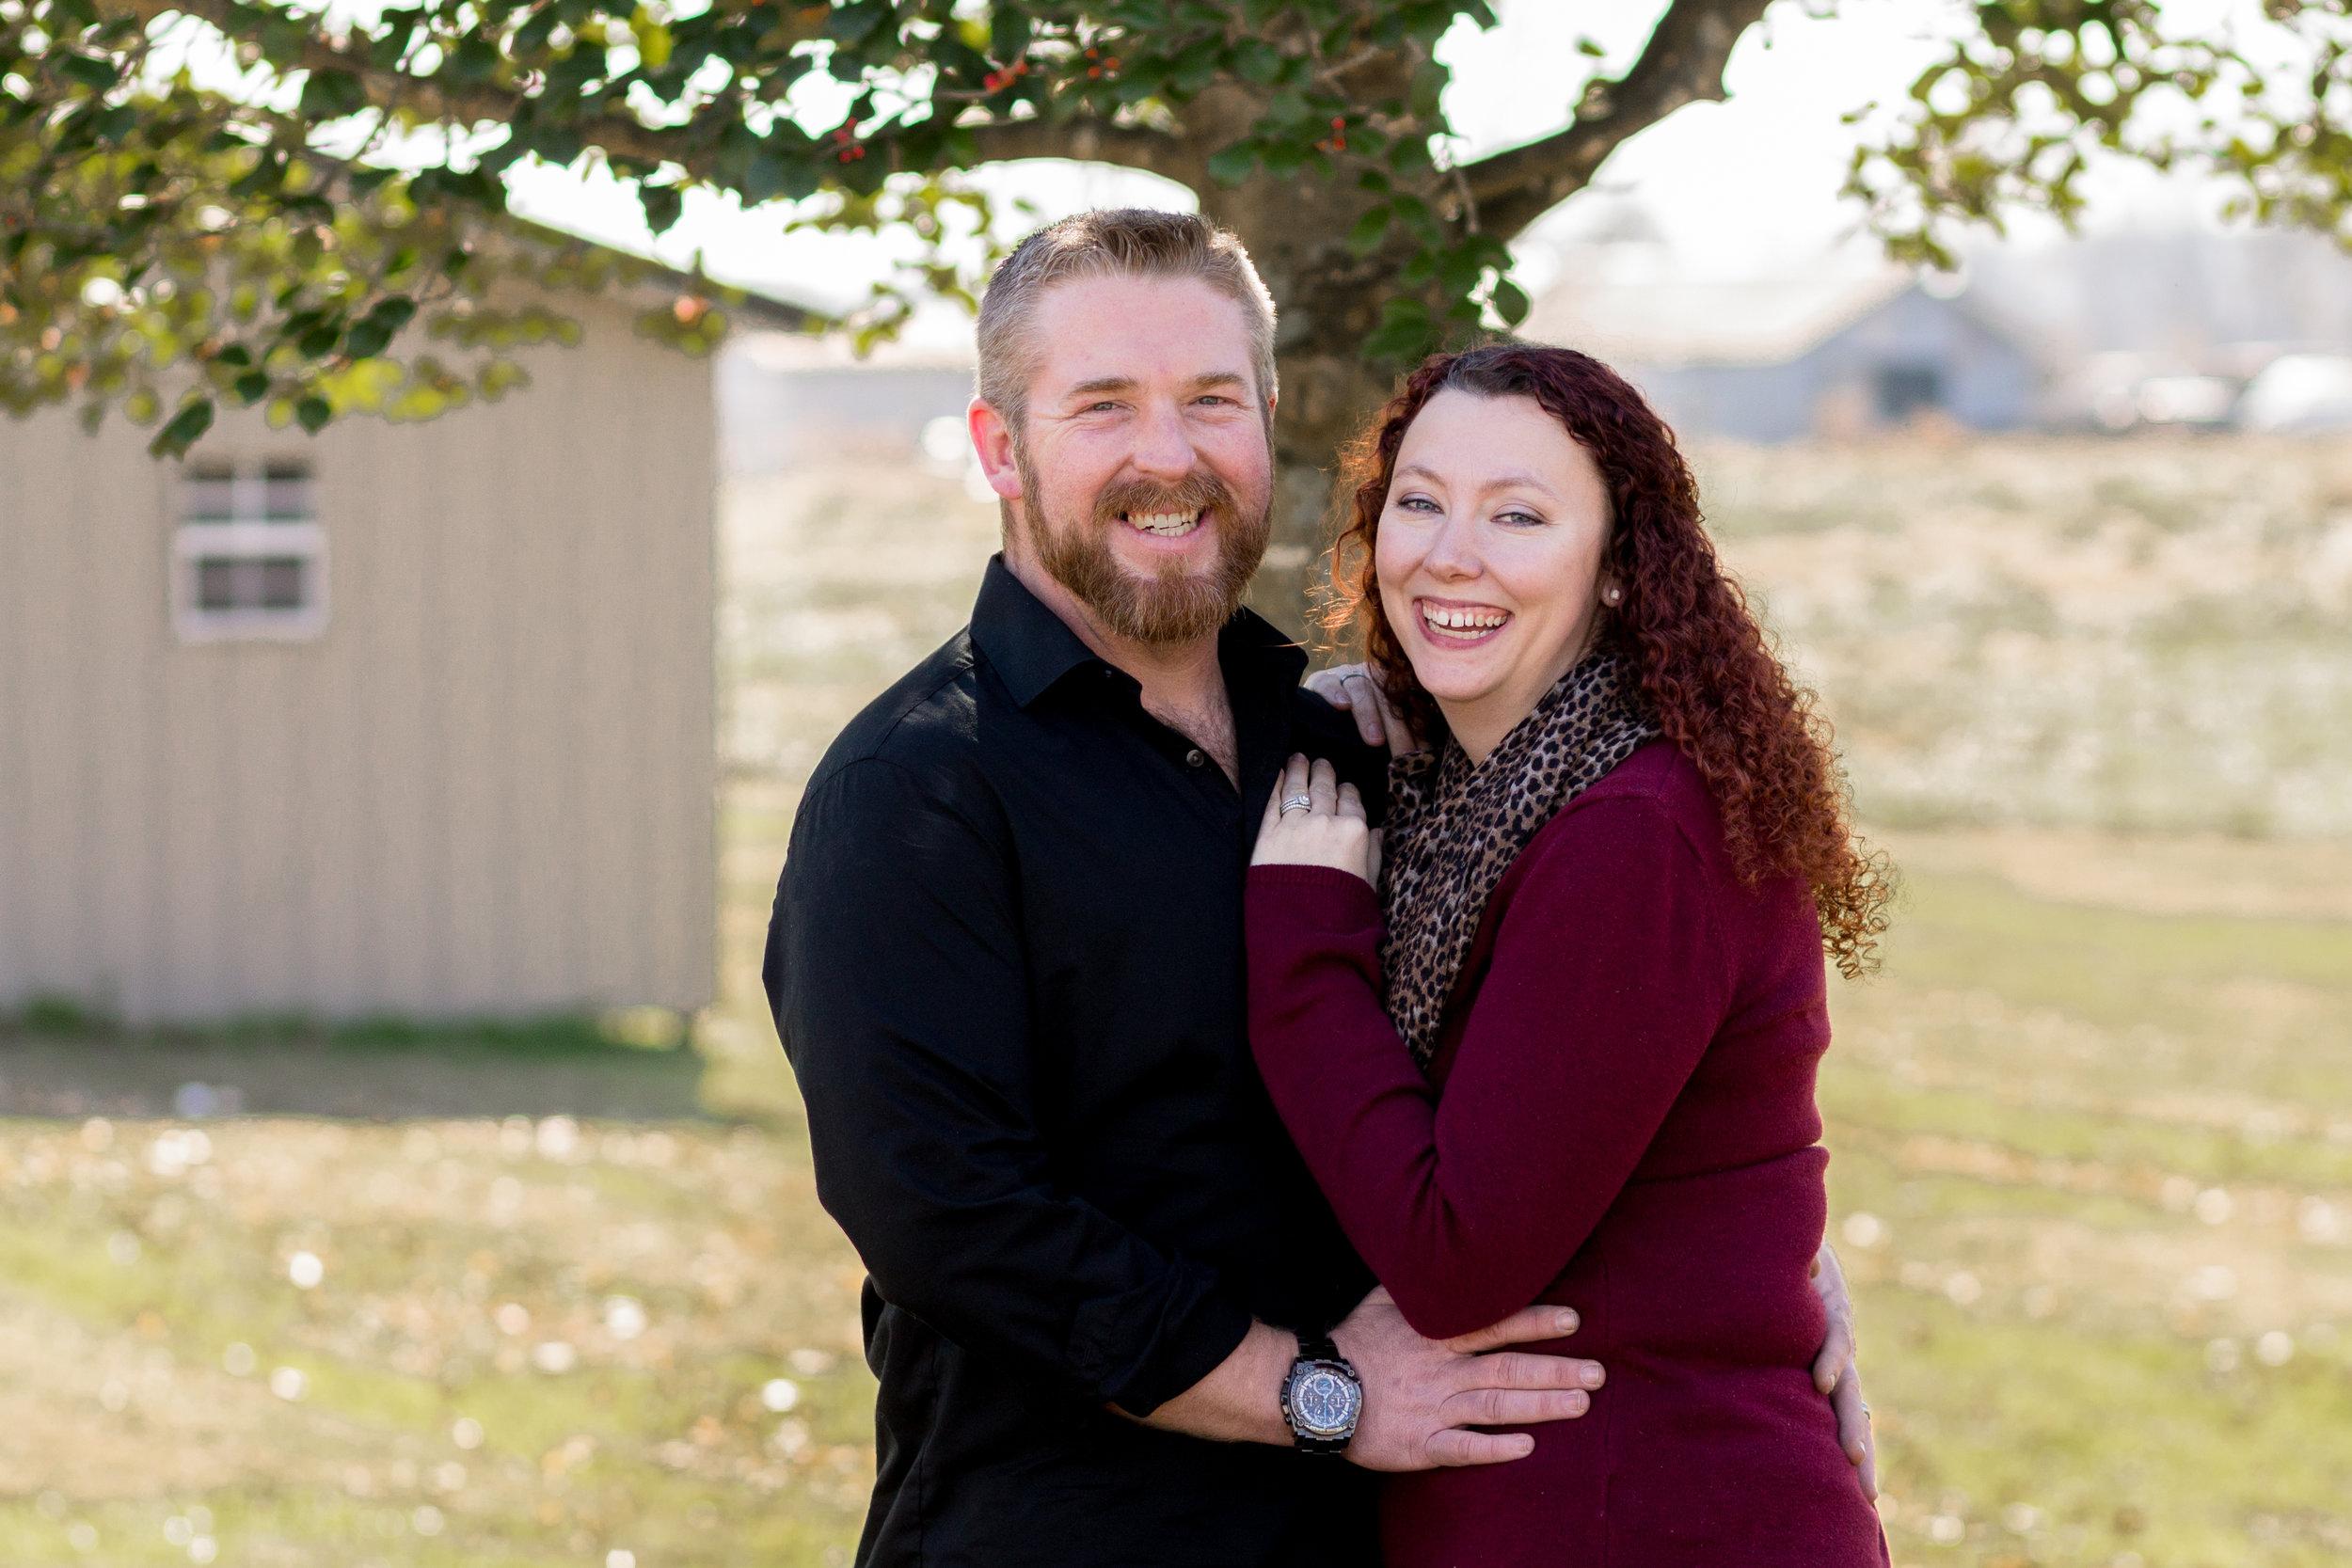 philadelphia-lifestyle-photography-couple-session-lytle-photo-company (8).jpg